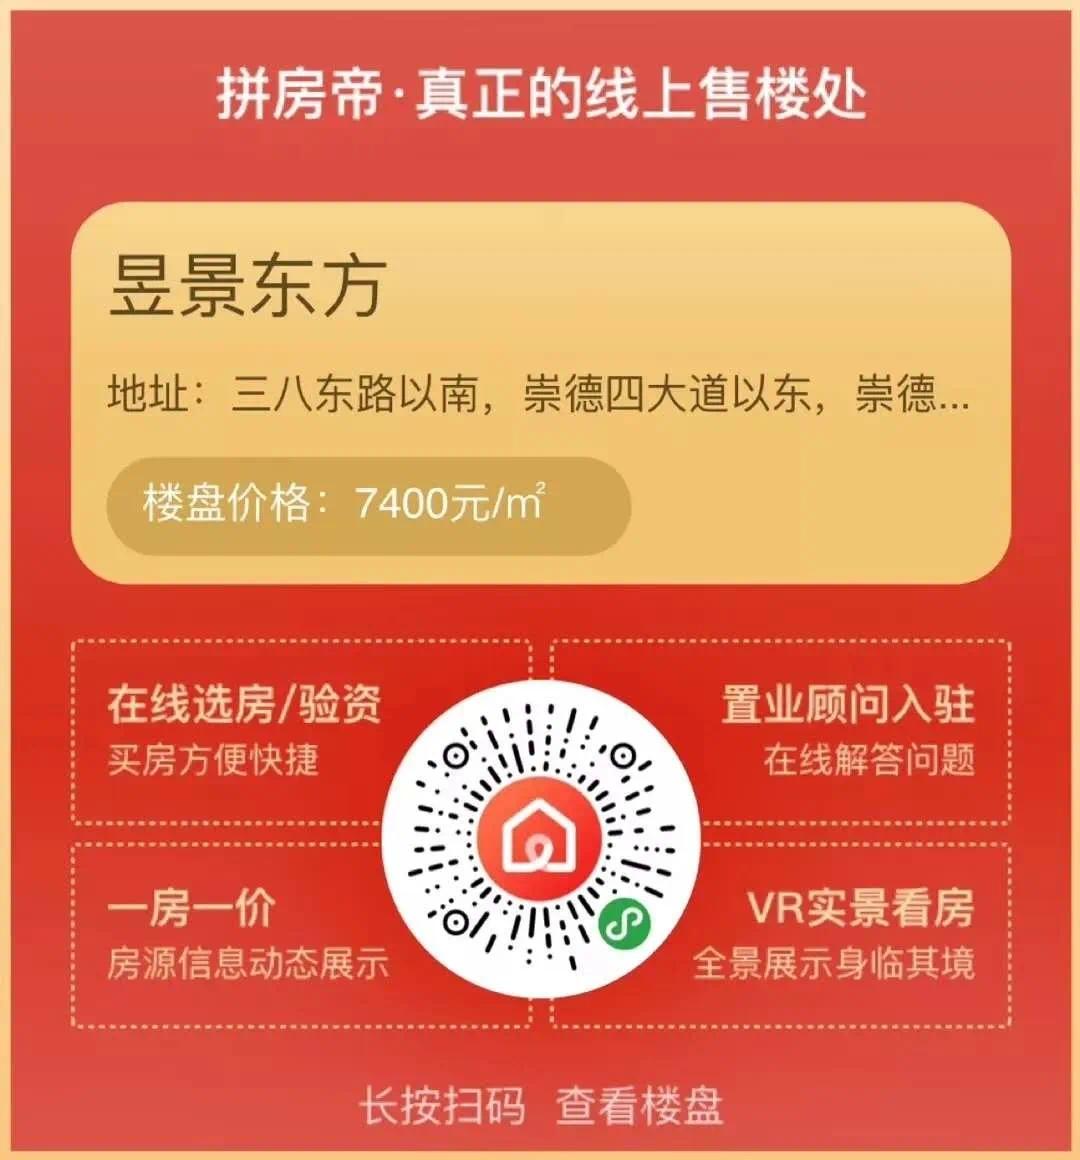 赢大奖 价值500元苏泊尔智能电饭煲免费送!